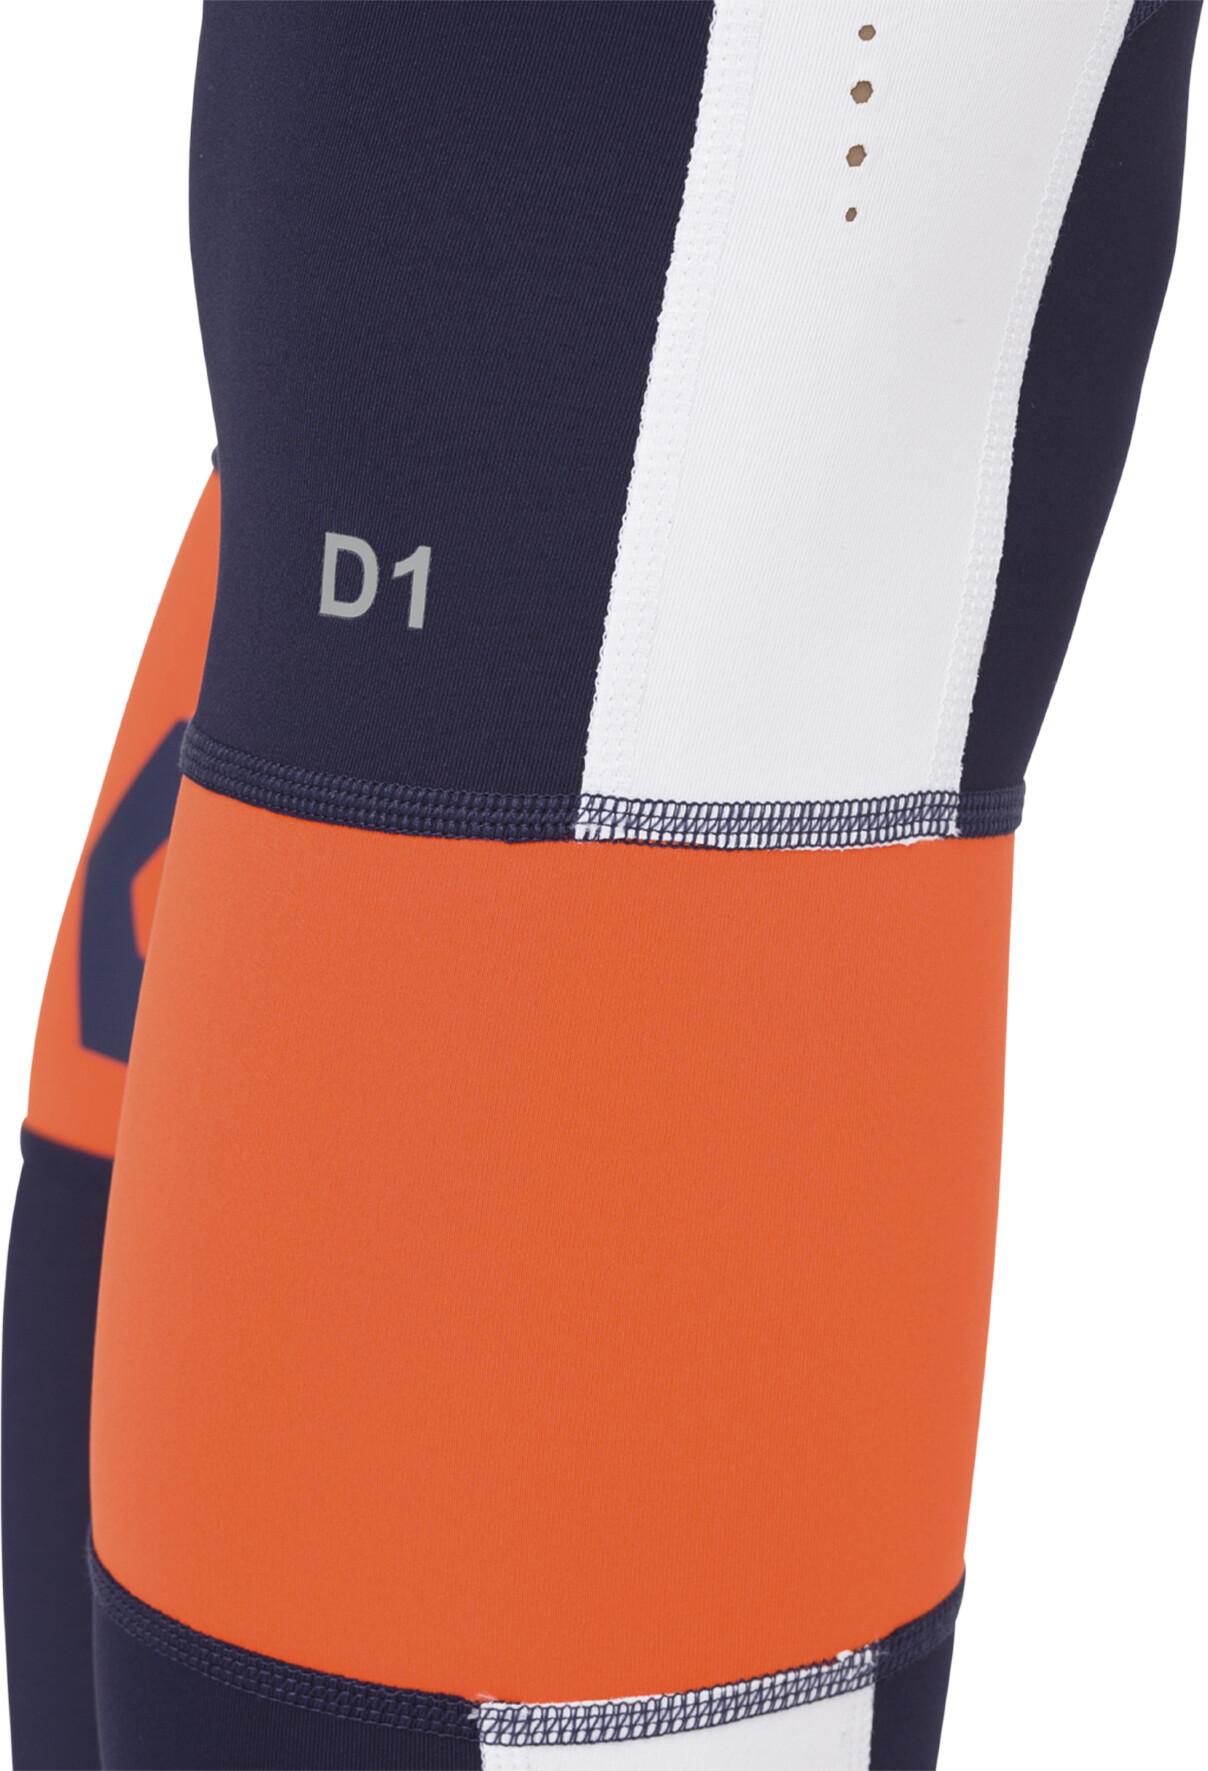 a49f358d07a asics Color Block Cropped Tights 2 - Pantalones largos running Mujer -  naranja azul